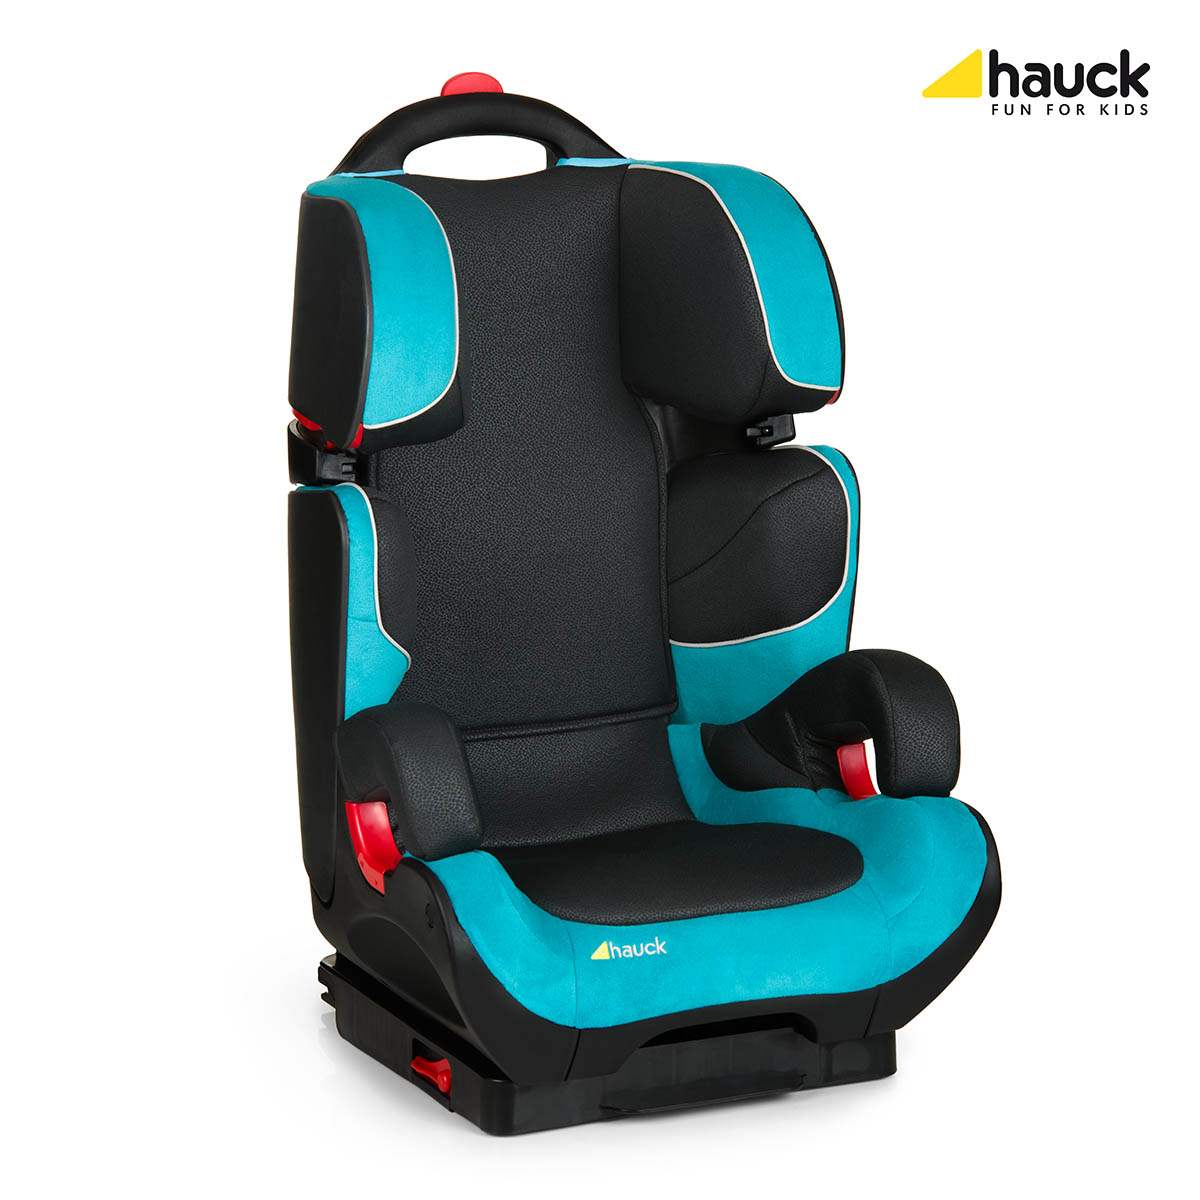 Hauck Bodyguard Plus Isofix 15-36 kg autokrēsls - Melns/ zils